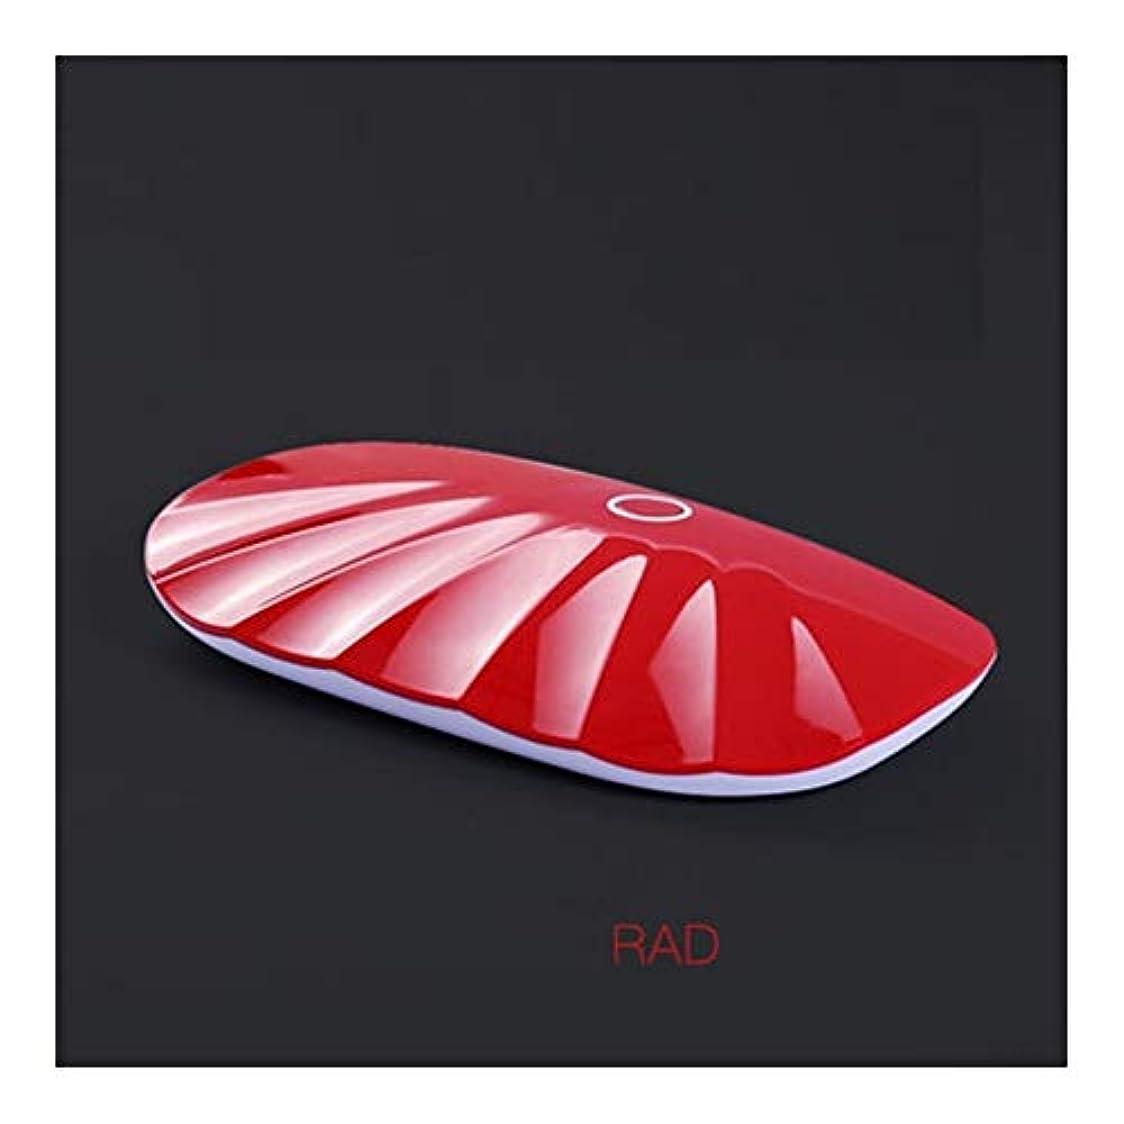 姪シフト運営LittleCat ミニポータブルLEDライトセラピー機ドライヤーネイルネイルUSBランプ照明ベーキングゴムトリートメント (色 : 赤)